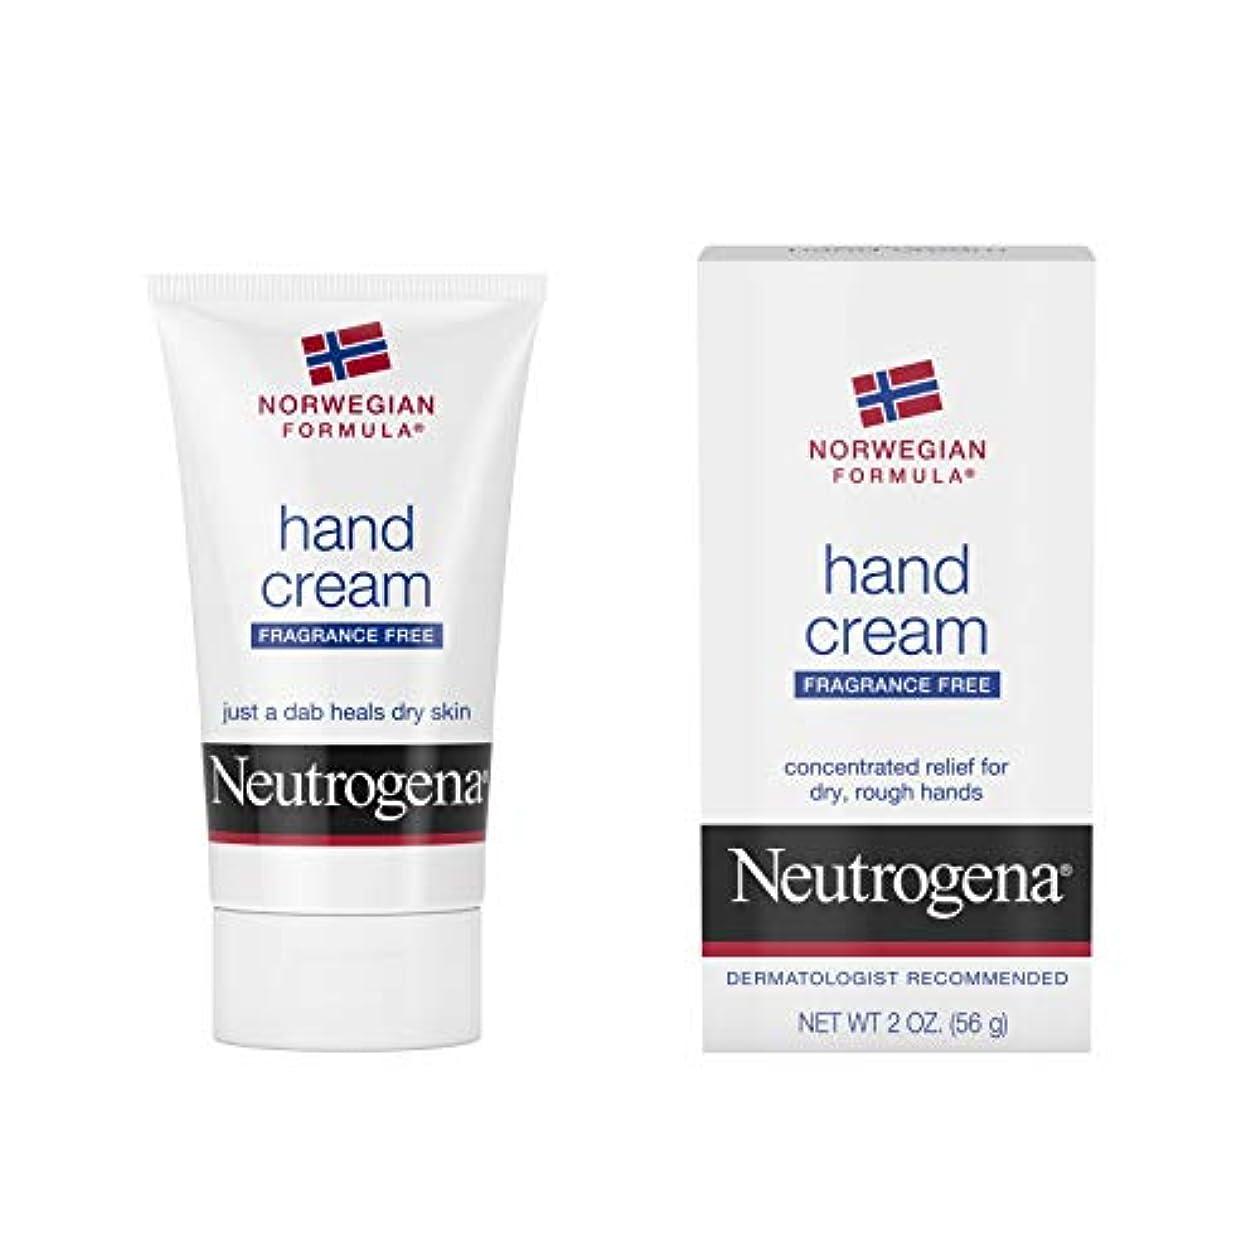 飼い慣らす給料懺悔Neutrogena Norwegian Formula Hand Cream Fragrance-Free 60 ml (並行輸入品)